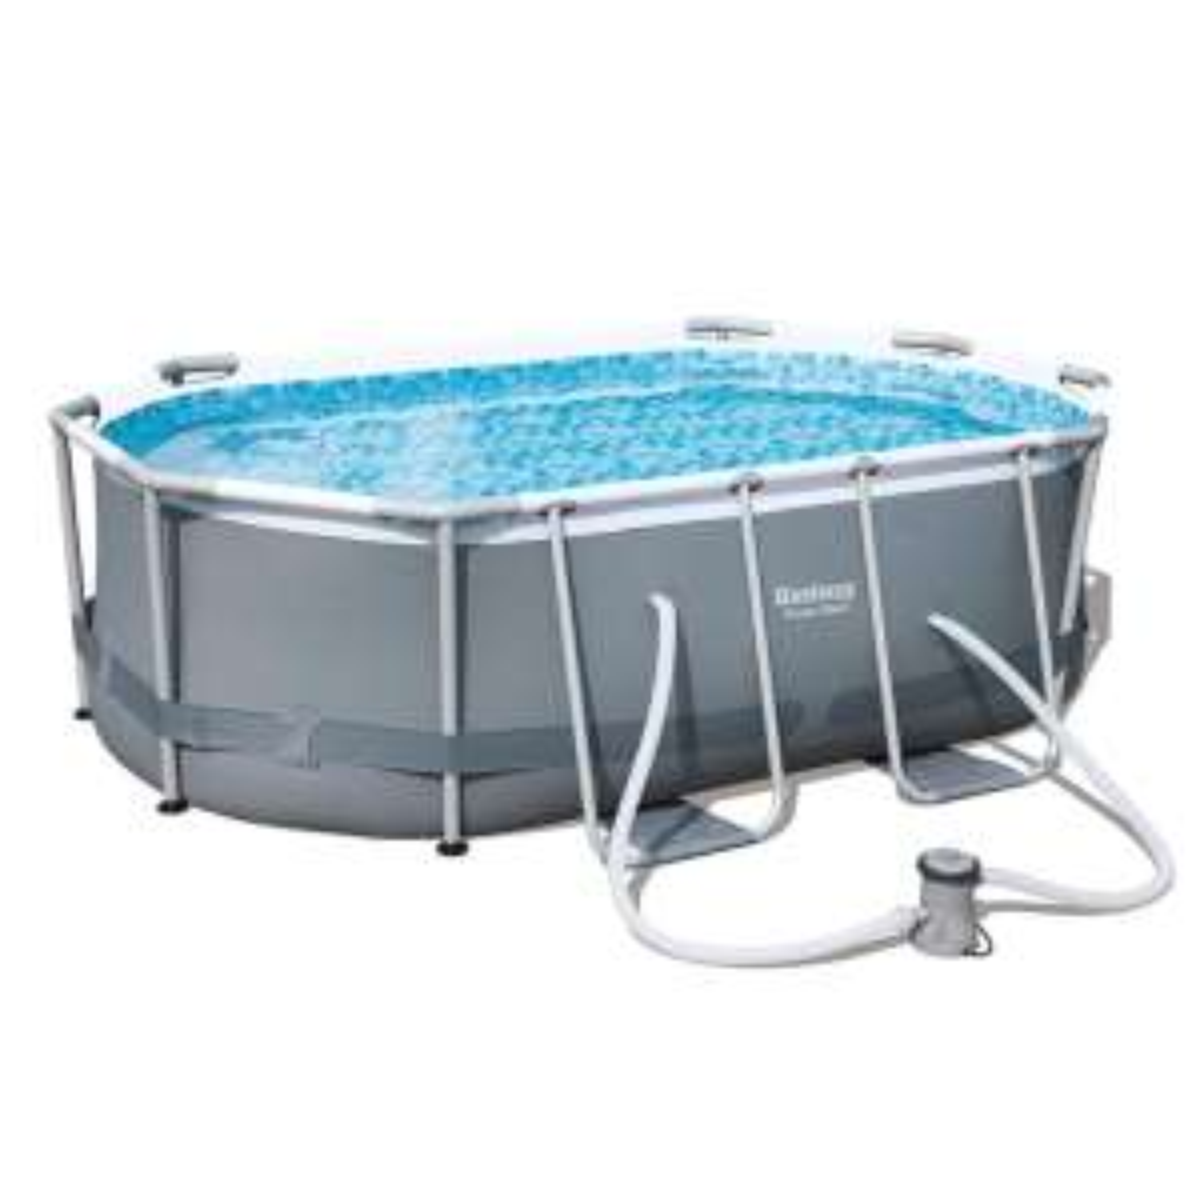 Sélection d'articles en promotion - Ex : Kit piscine ovale Steel Frame 300 x 200 x 84 cm  Bestway